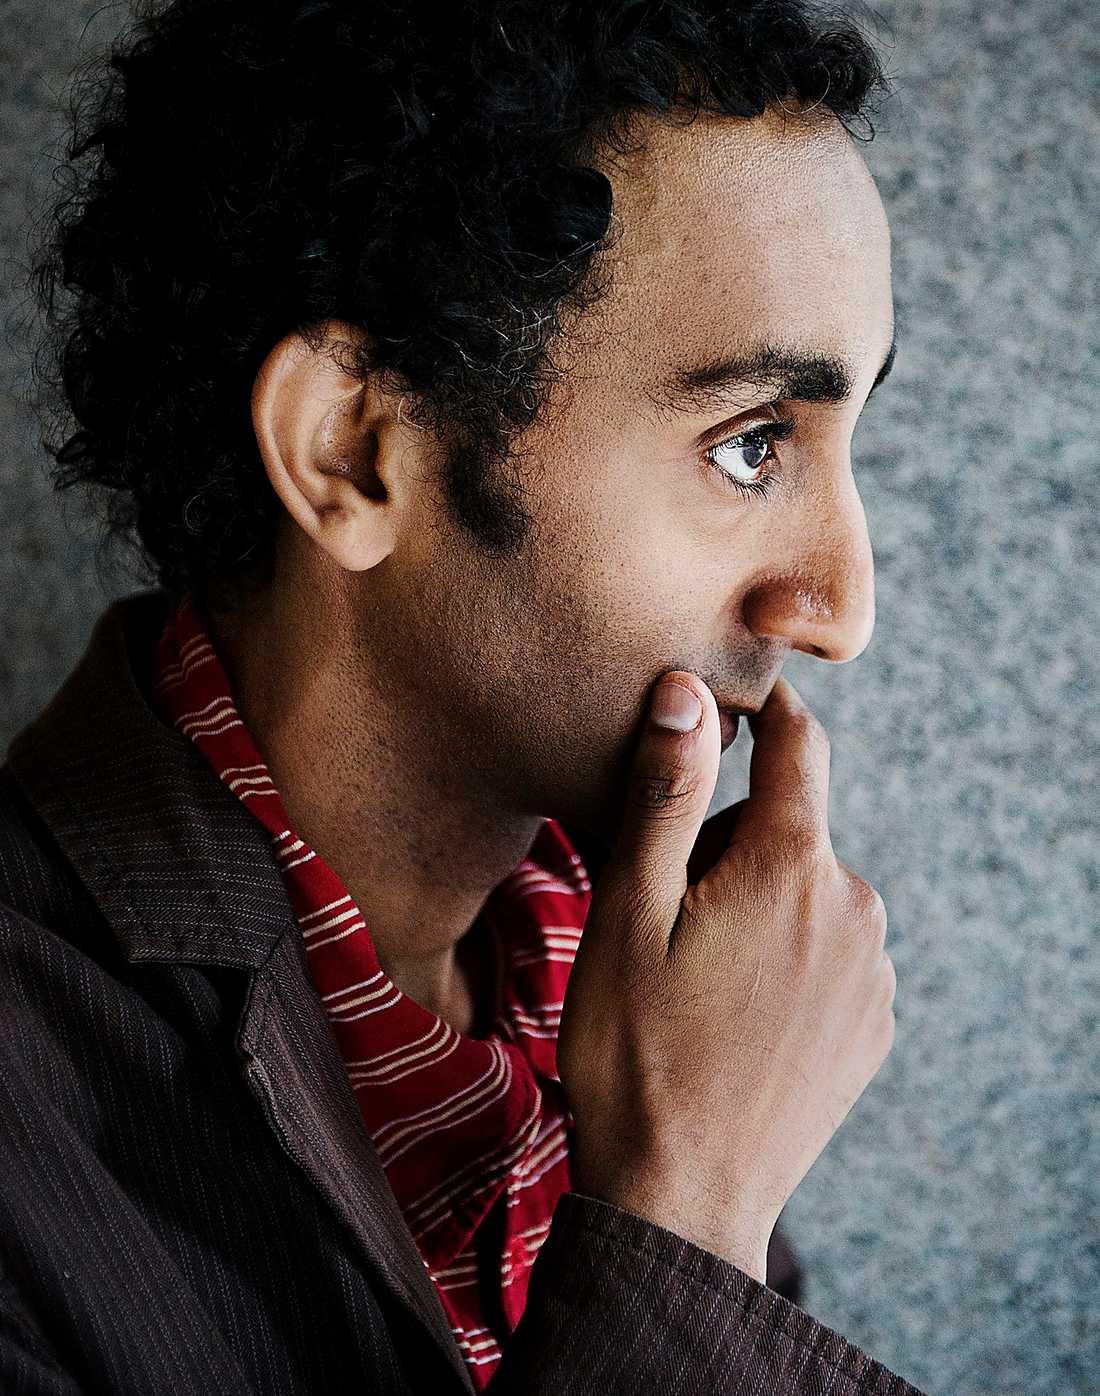 Sami Said (född 1979 i Eritrea) kastar in läsare och papperslöse San Francisco i händelsernas centrum i nya romanen. Jenny Högström läser med ett leende på läpparna.